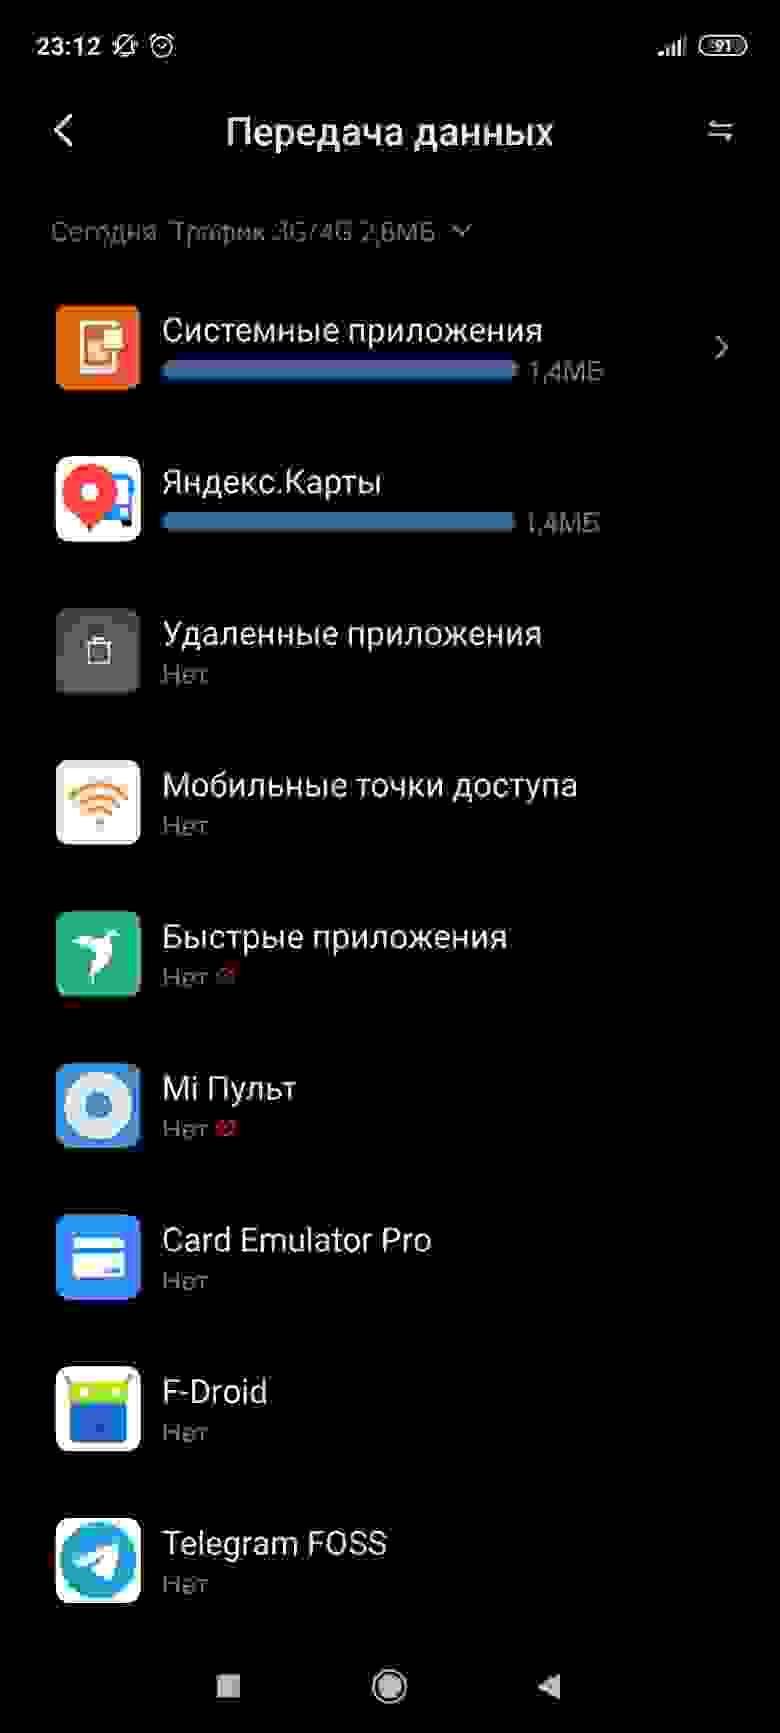 Скриншот потребления сети Андроид, где системные приложения и яндекс карты скушали по 1.4мб трафика